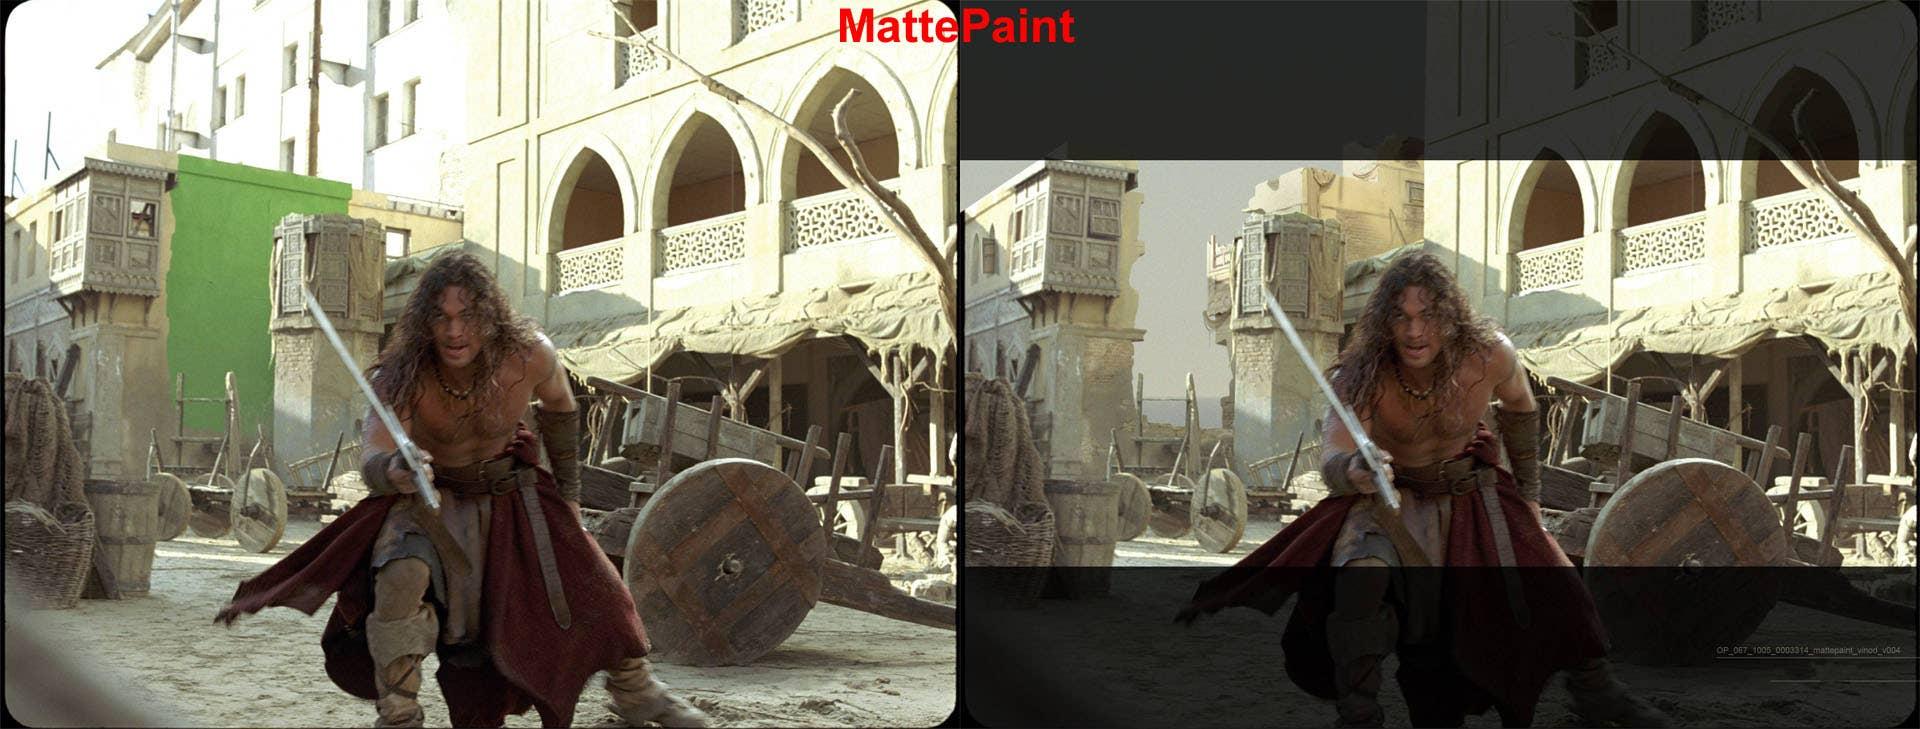 MattePaint.